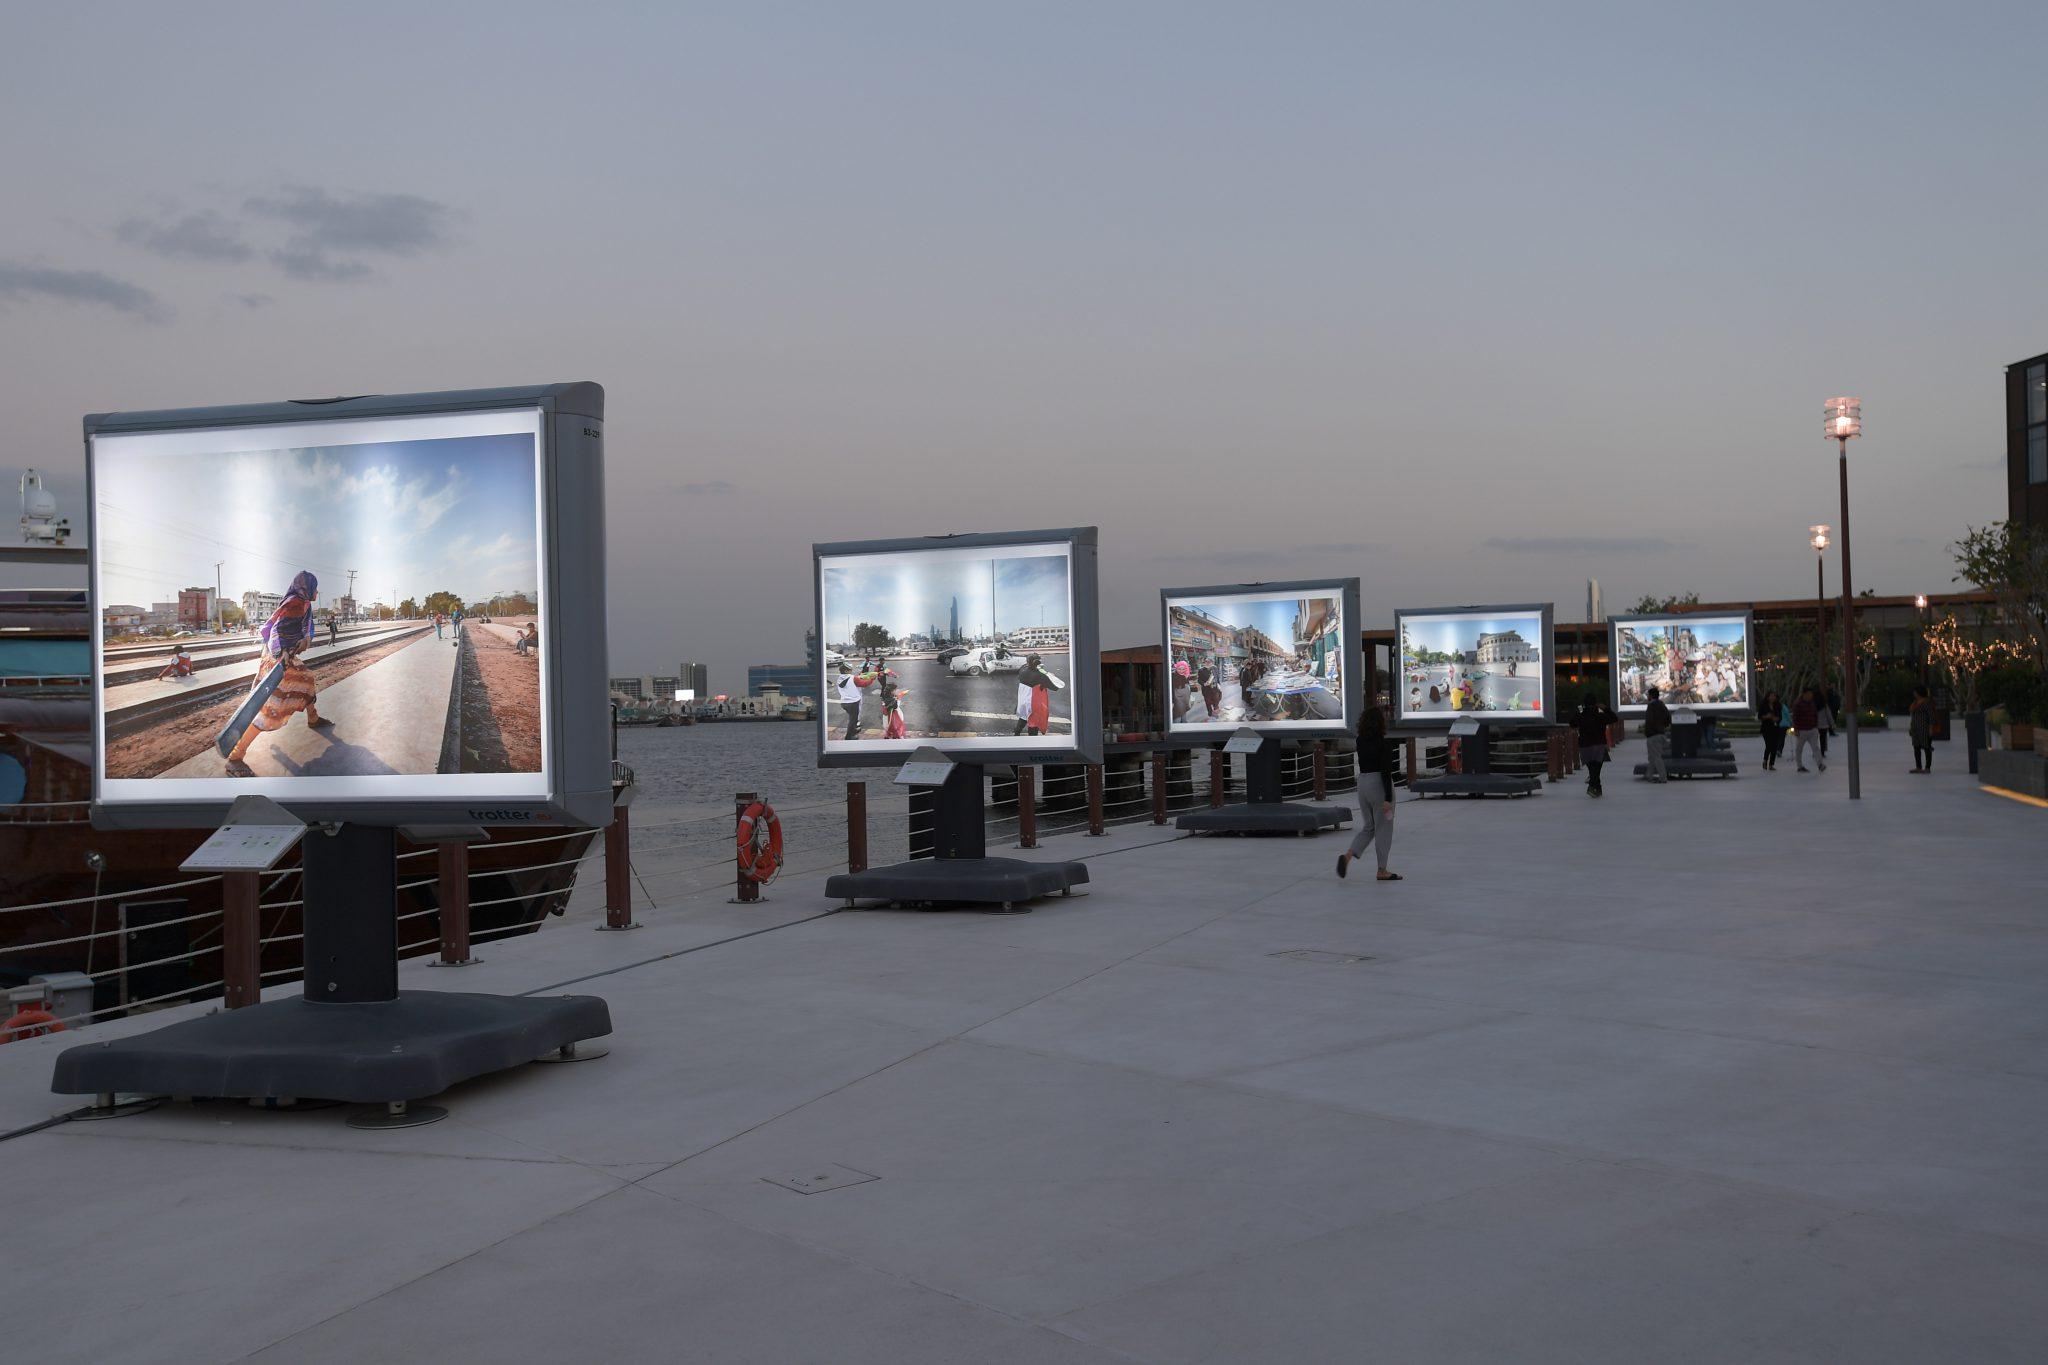 Nederlandse fotograaf opent grootste foto-expositie ter wereld in Dubai